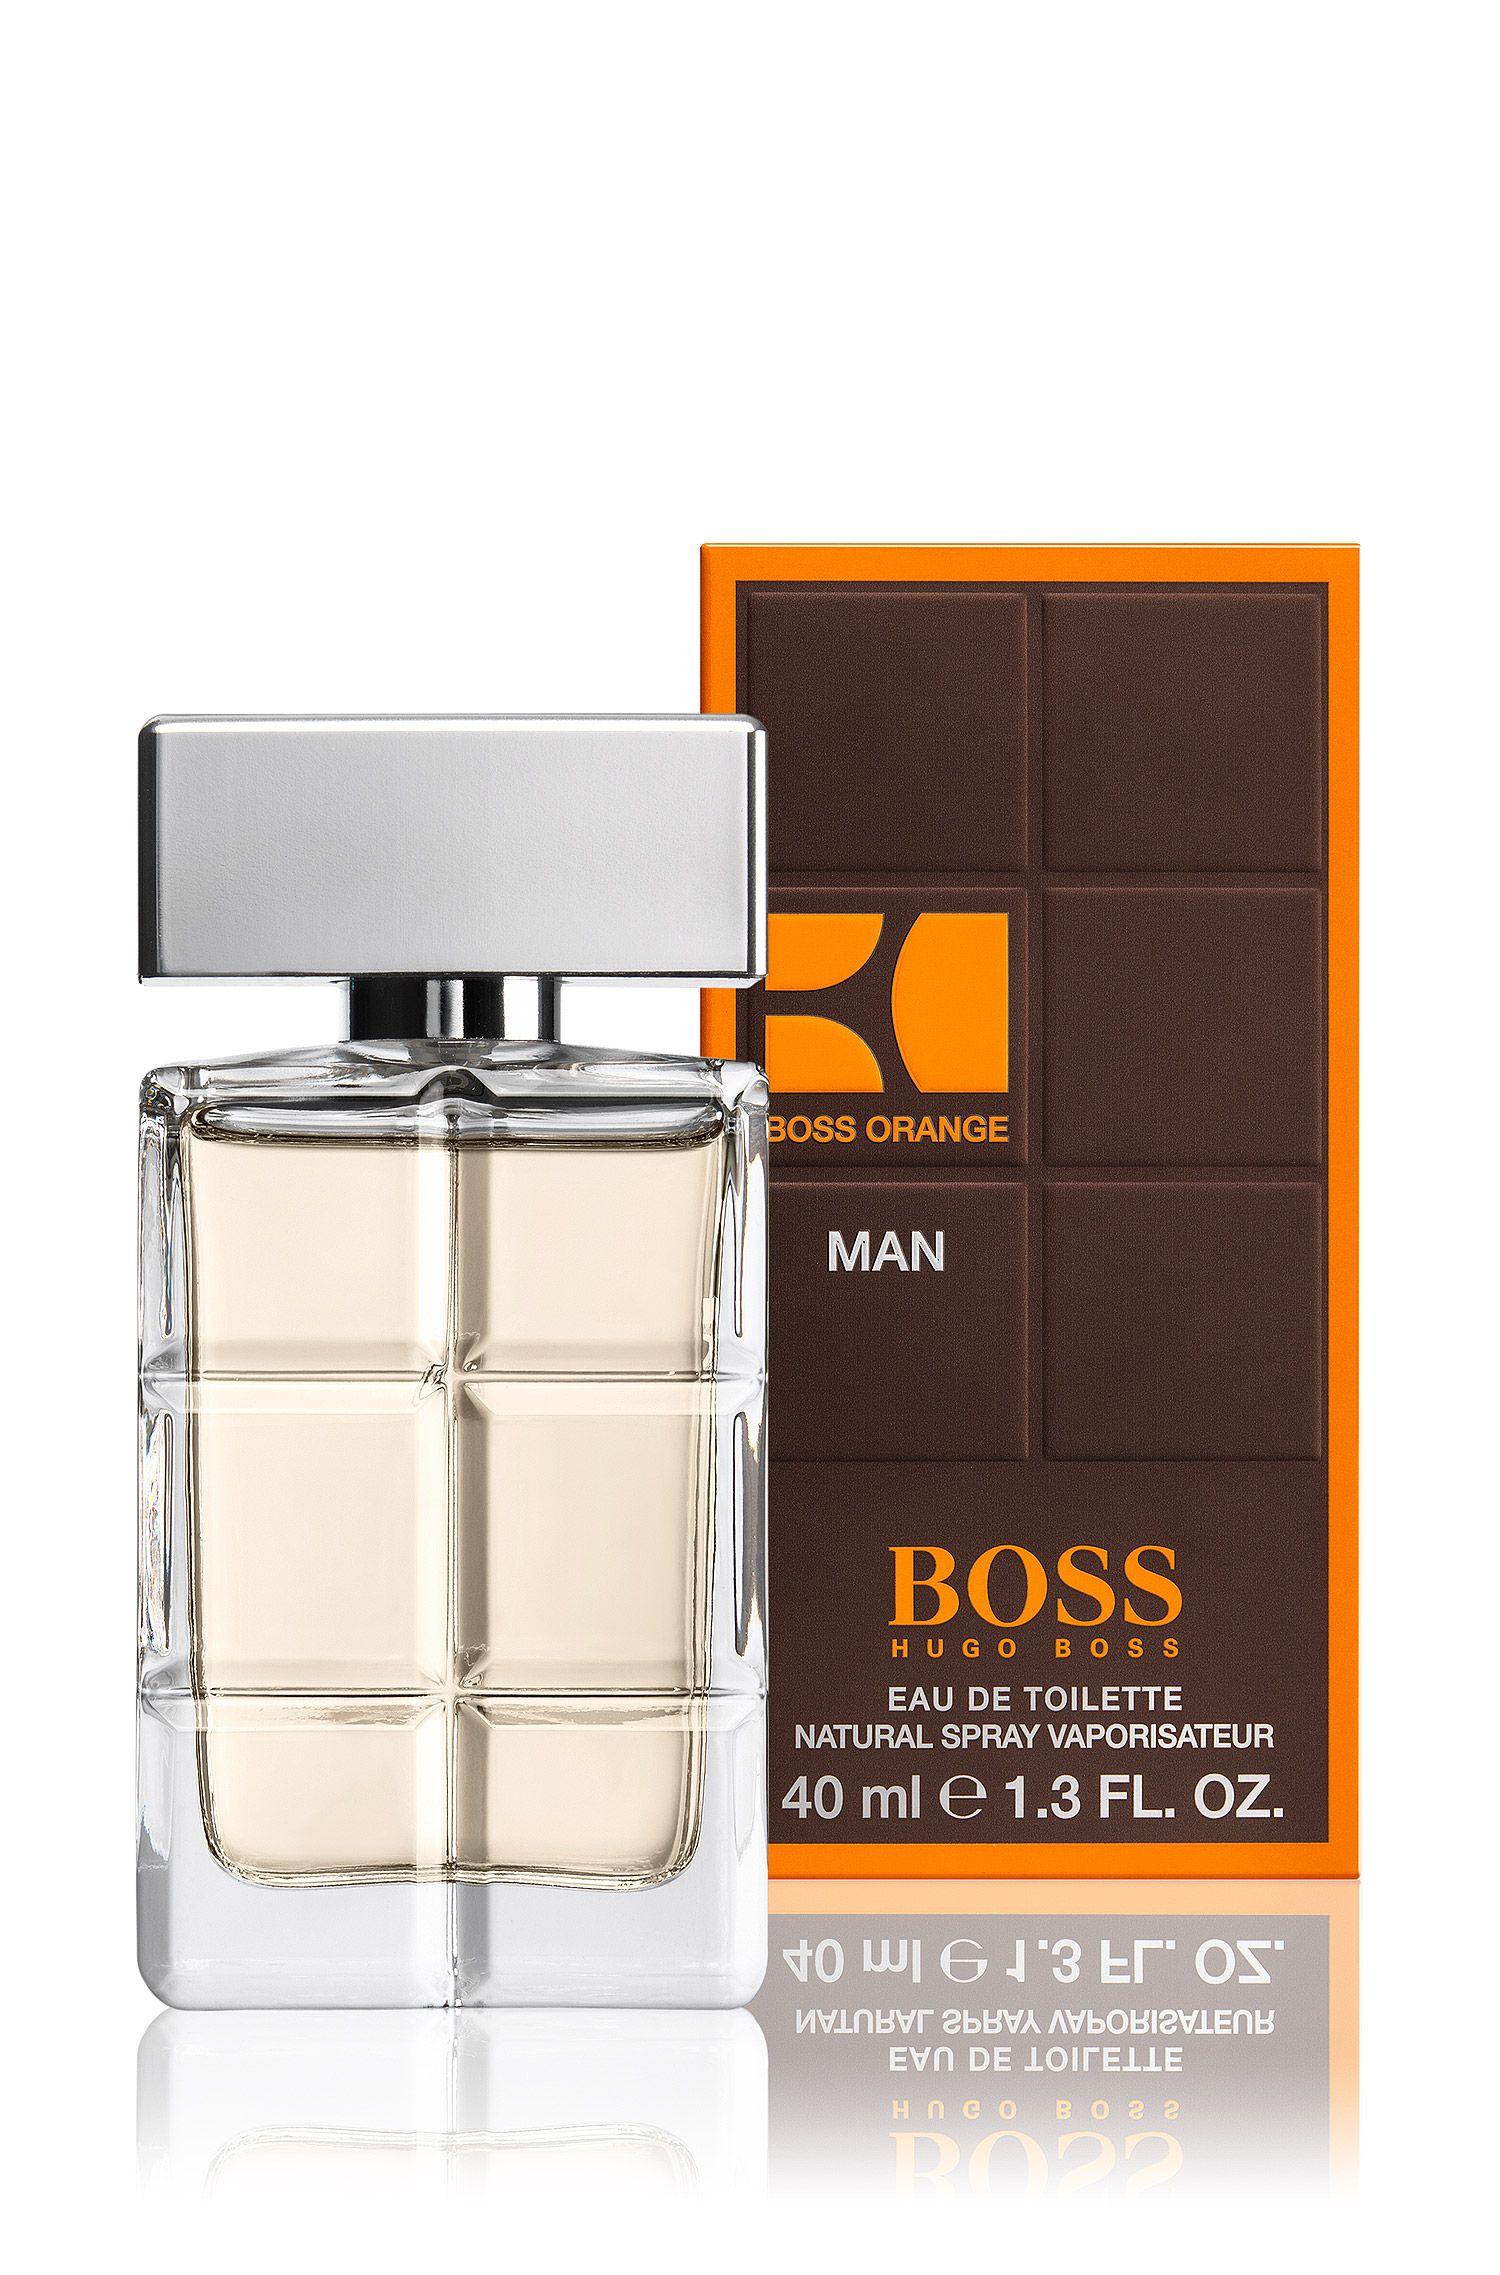 BOSS Orange Man eau de toilette 40ml